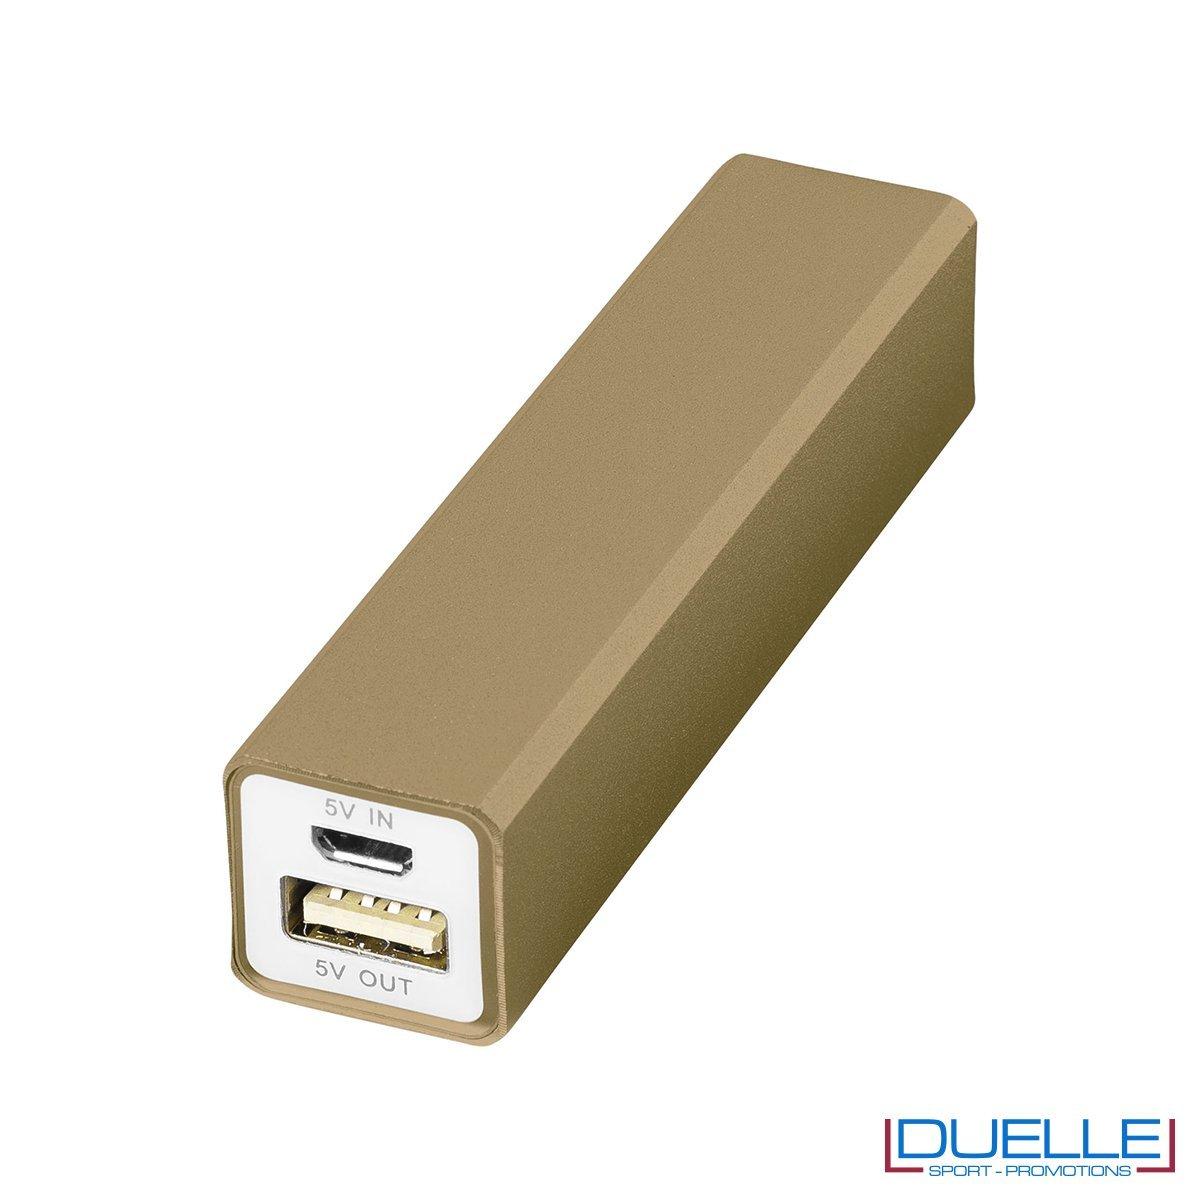 Power bank promozionale in alluminio colore oro